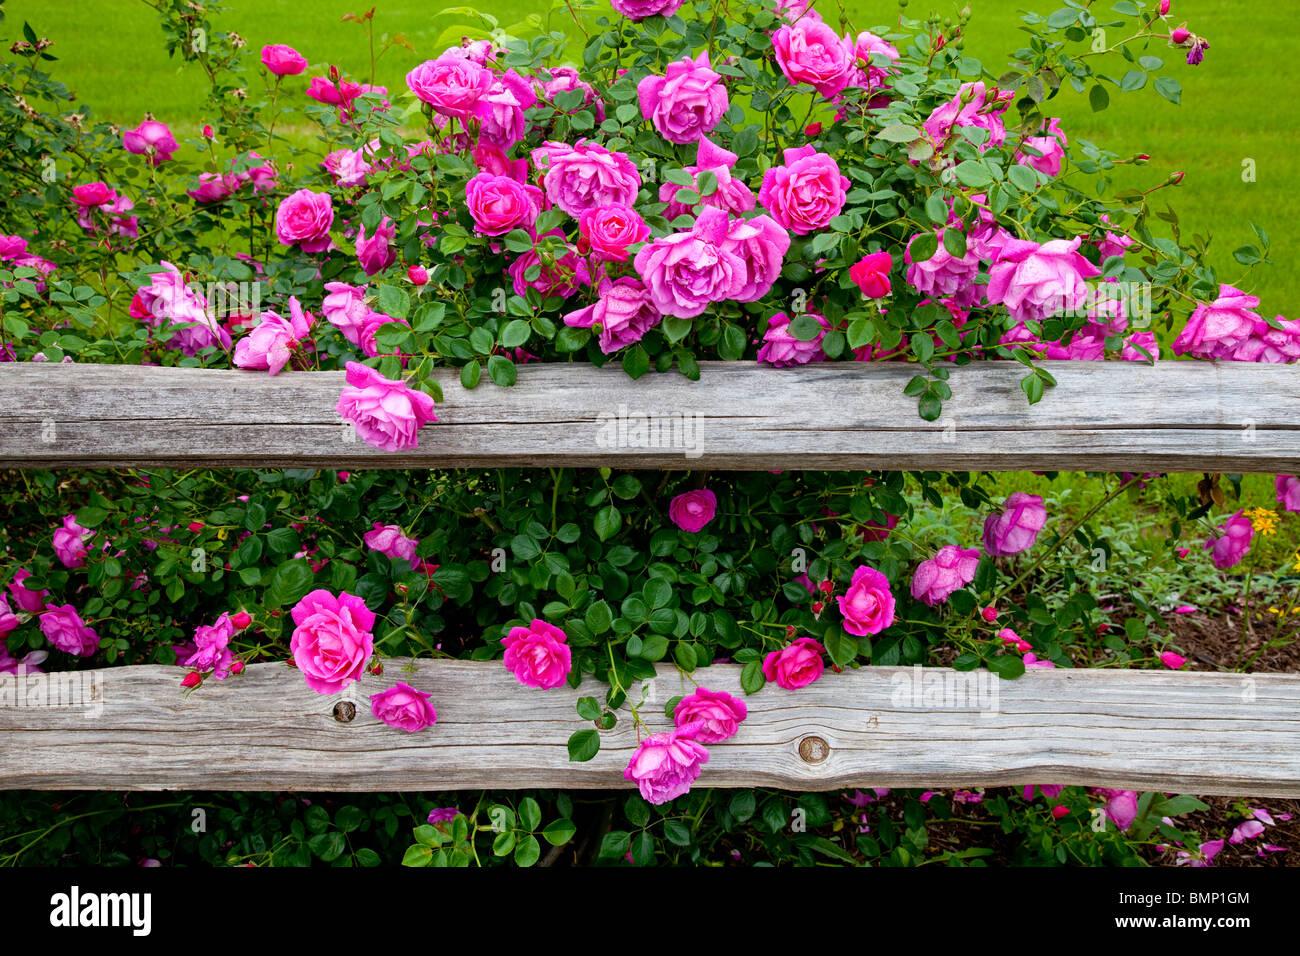 Des roses rose profond et une vieille clôture rustique à la jonction House Restaurant de Kingsland, Texas, Photo Stock